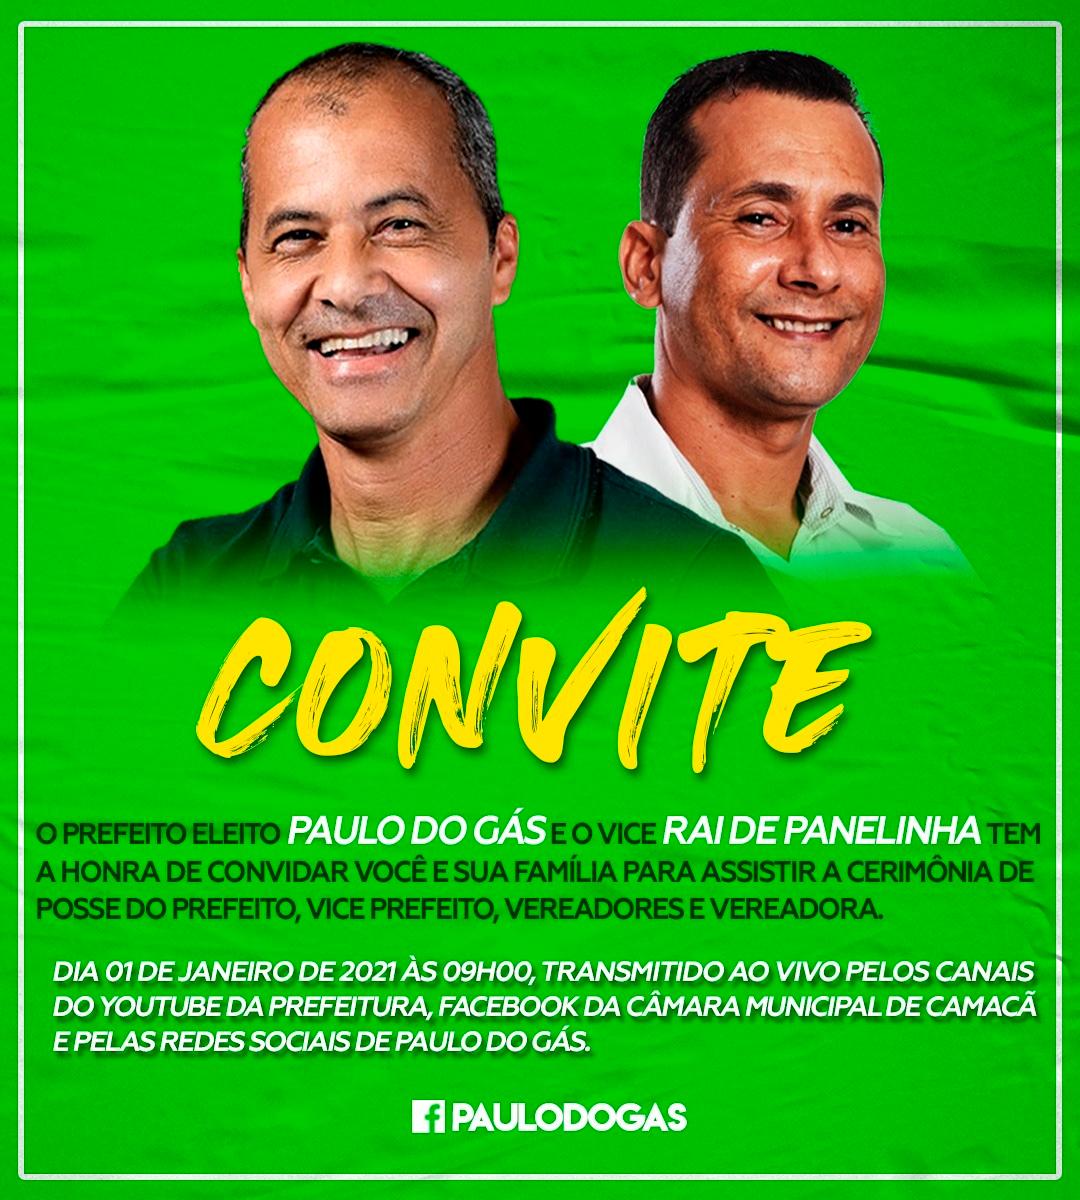 Camacã: Prefeito eleito Paulo do Gás e seu vice Rai de Panelinha convida à todos para assistir a cerimônia de posse 18